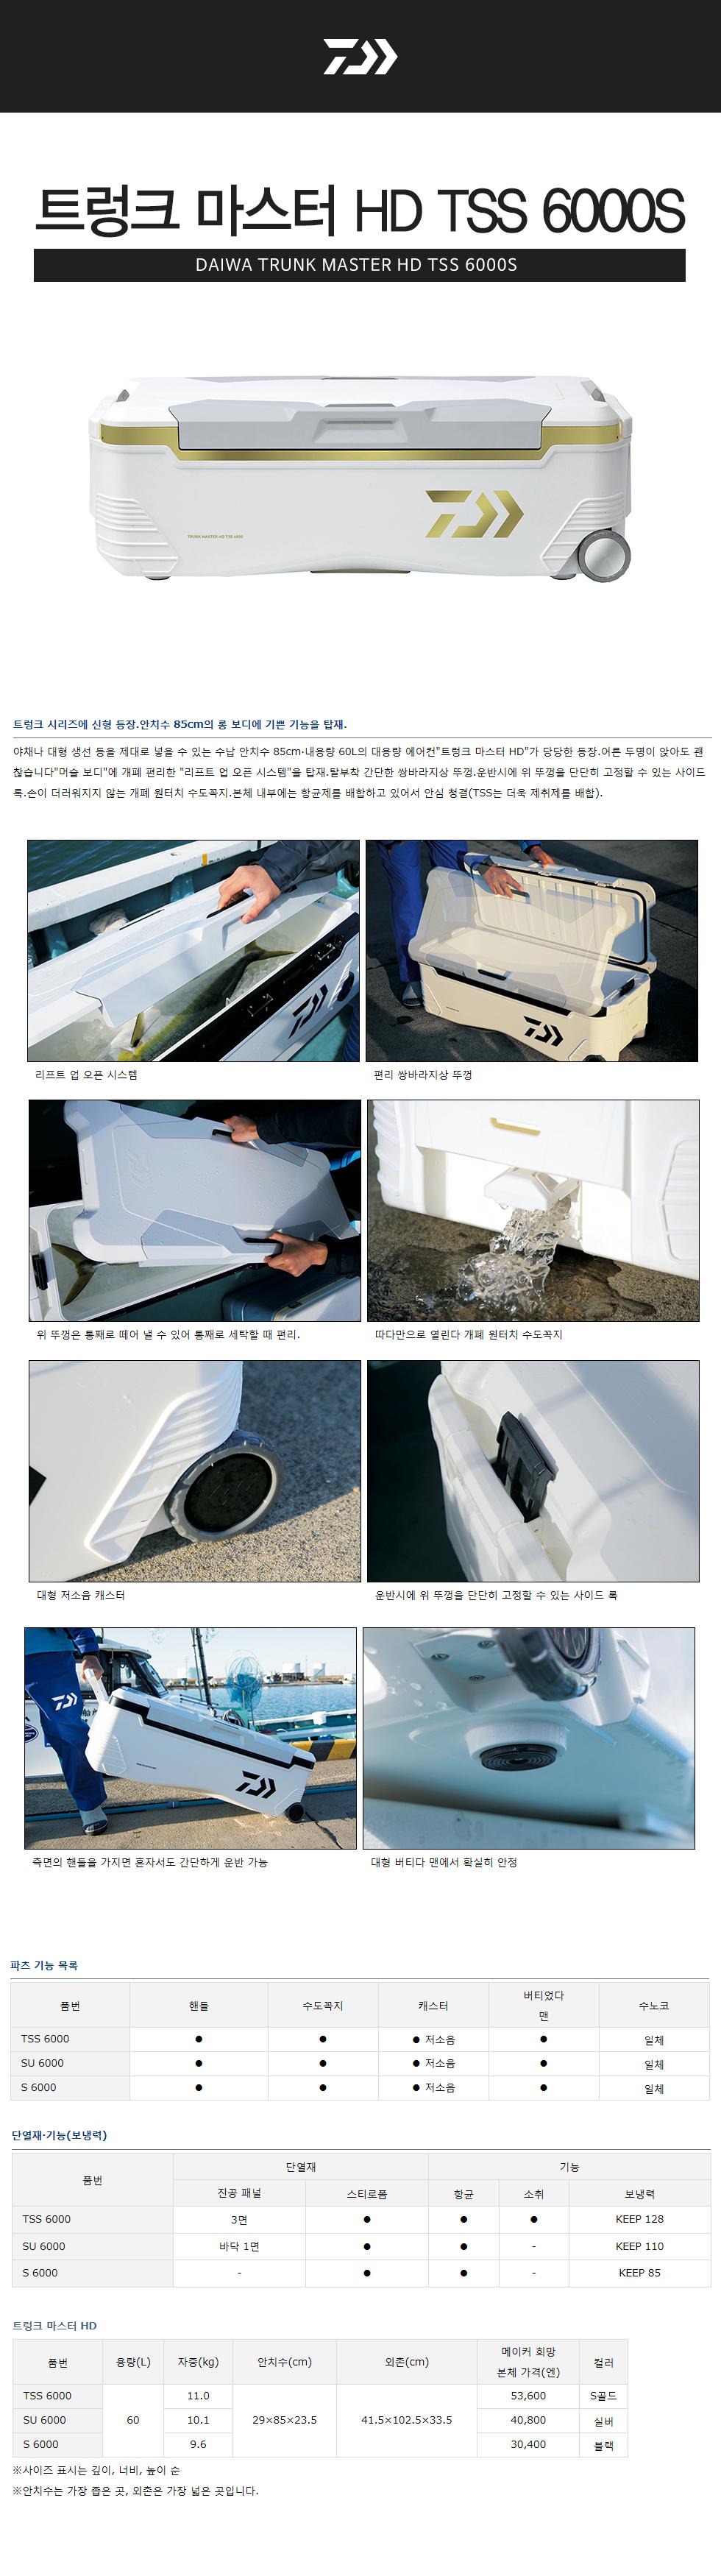 다이와 트렁크 마스터 HD TSS 6000 S 골드 (대장쿨러) 다이와 트렁크 마스터 HD TSS 6000 S 골드 대장쿨러 갈치쿨러 갈치 아이스박스 대형아이스박스